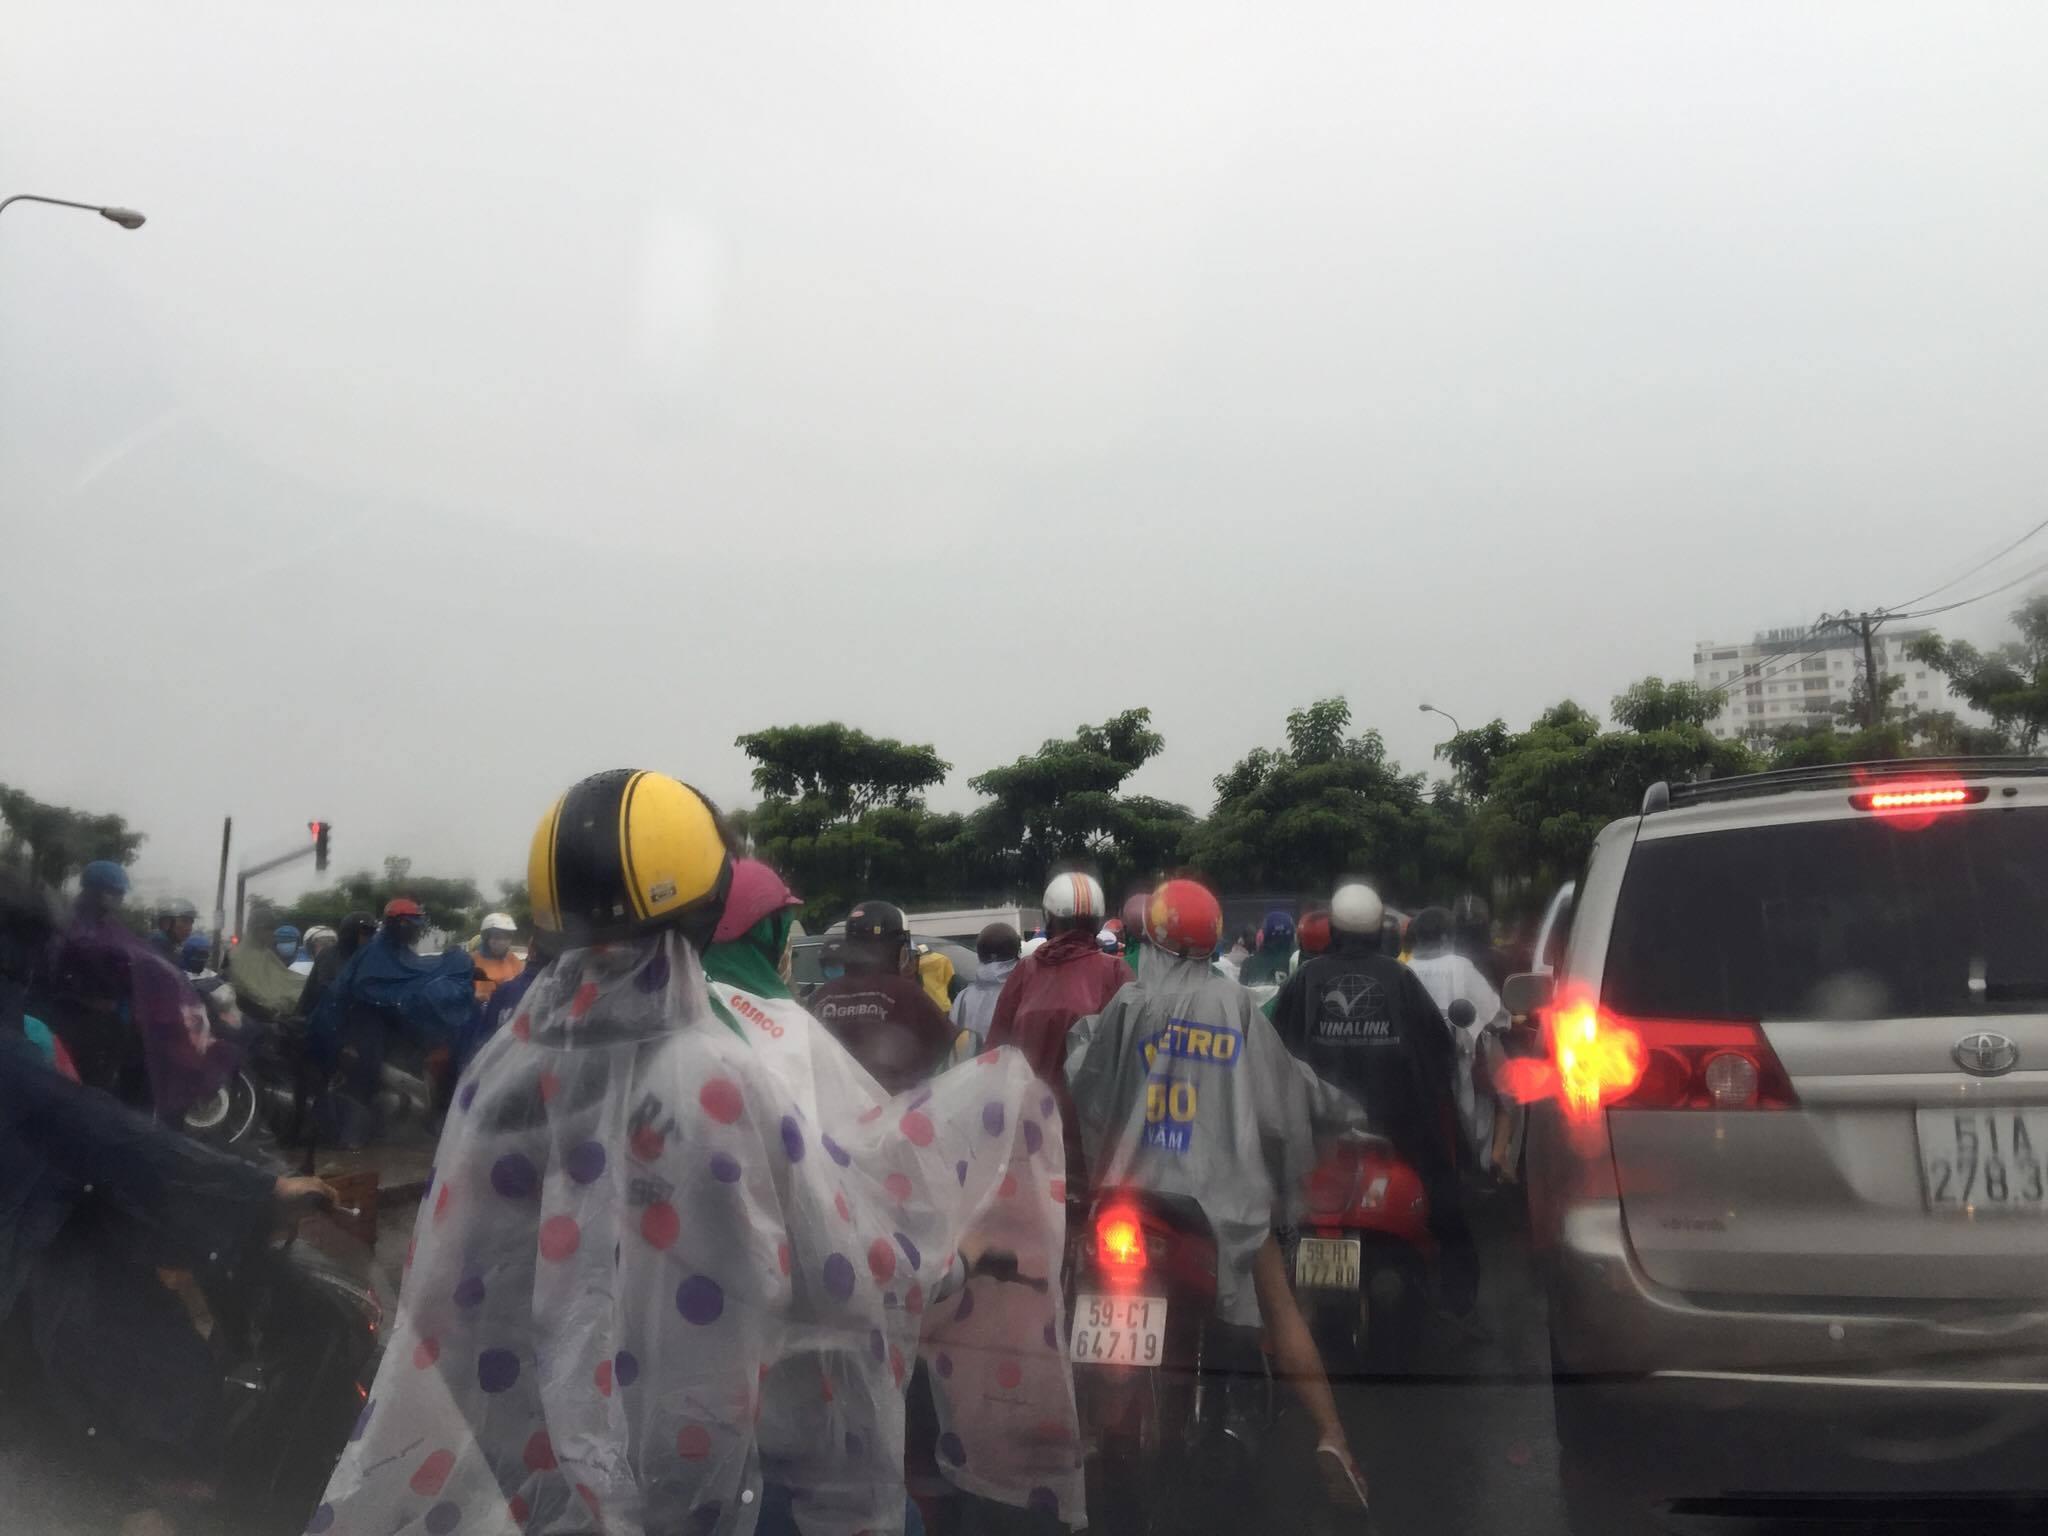 Sài Gòn mưa mù trời, giao thông hỗn loạn - 2